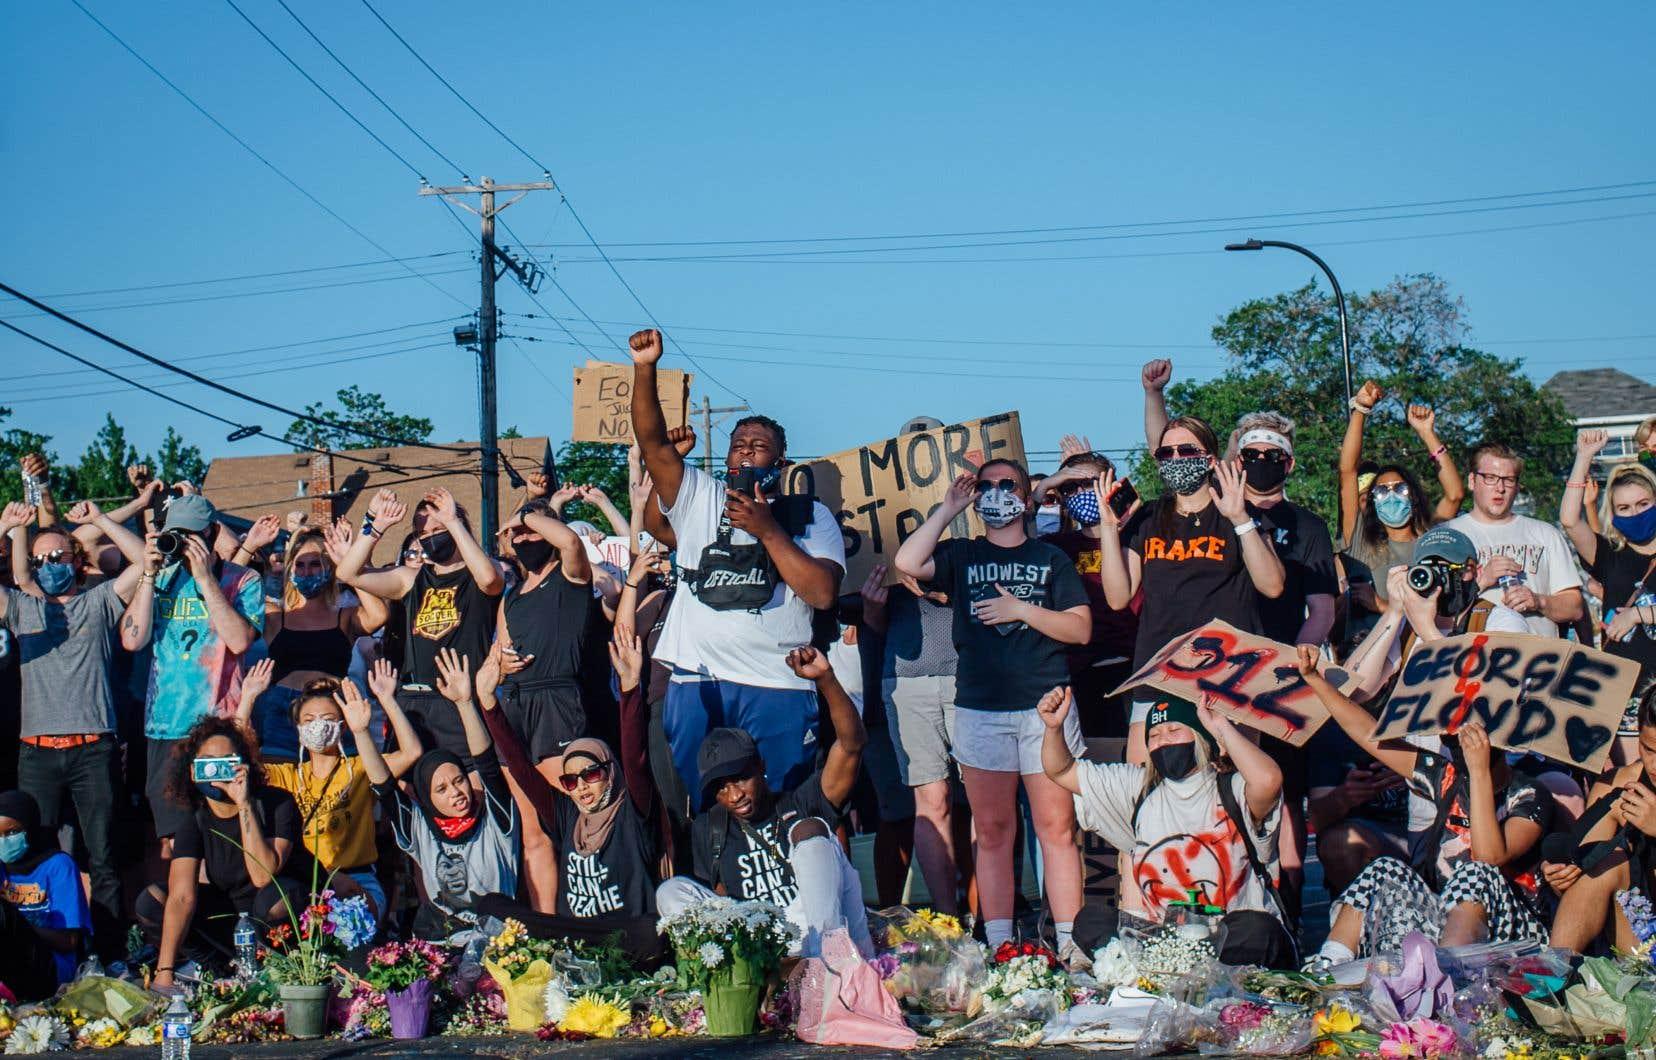 Rassemblement populaire et discours publics au coin de la rue où George Floyd a été tué il y a une semaine, à Minneapolis. L'endroit est devenu un mémorial.